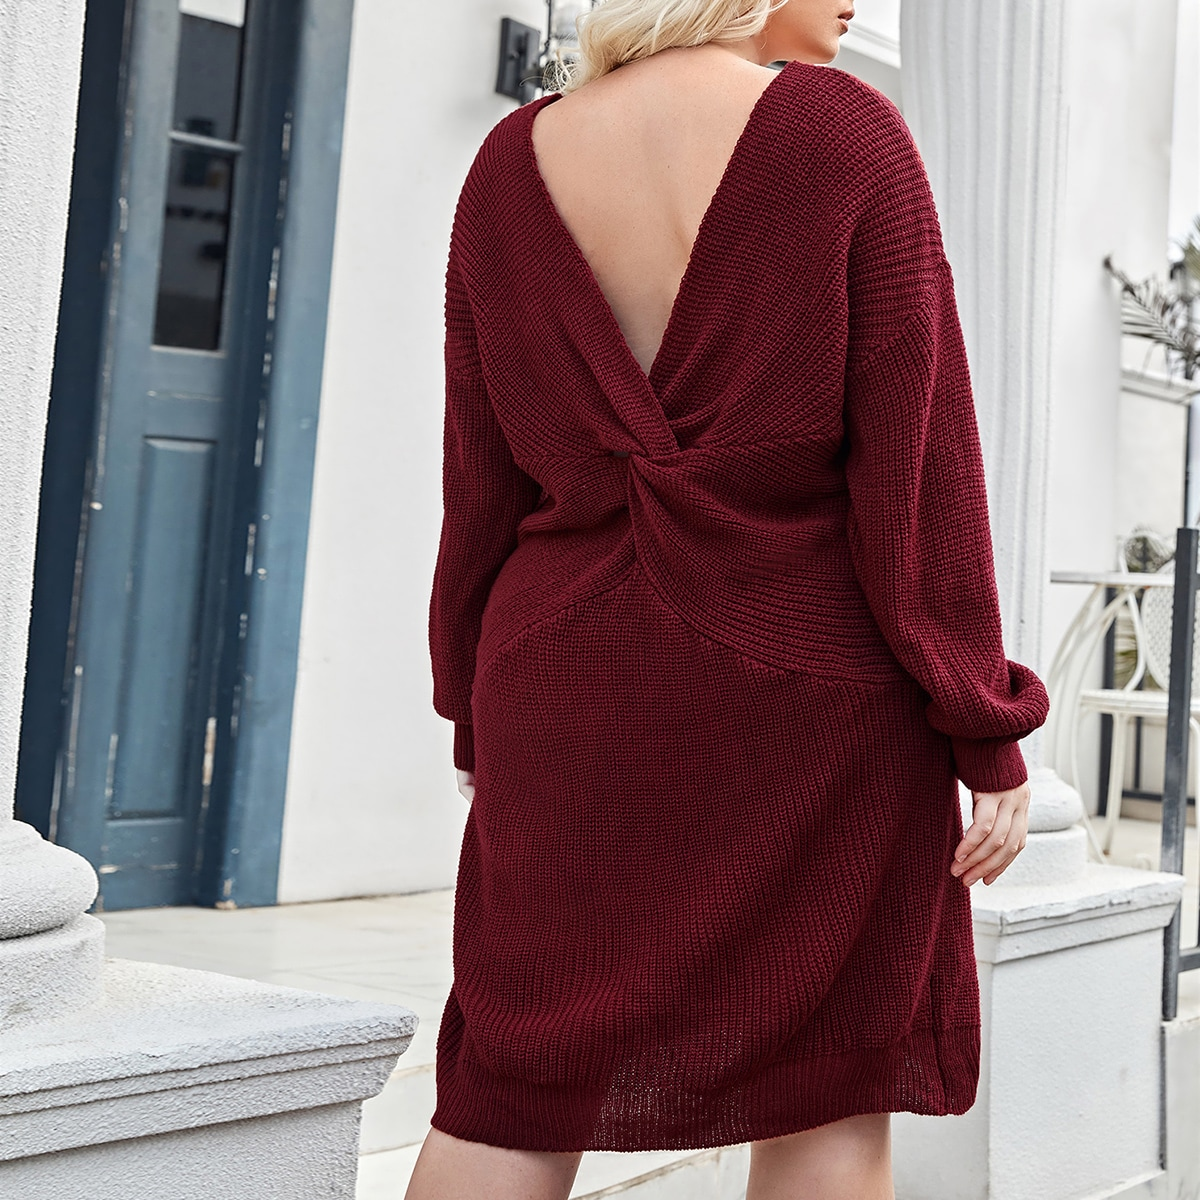 Открытая спина Одноцветный Повседневный Свитер-платье размер плюс